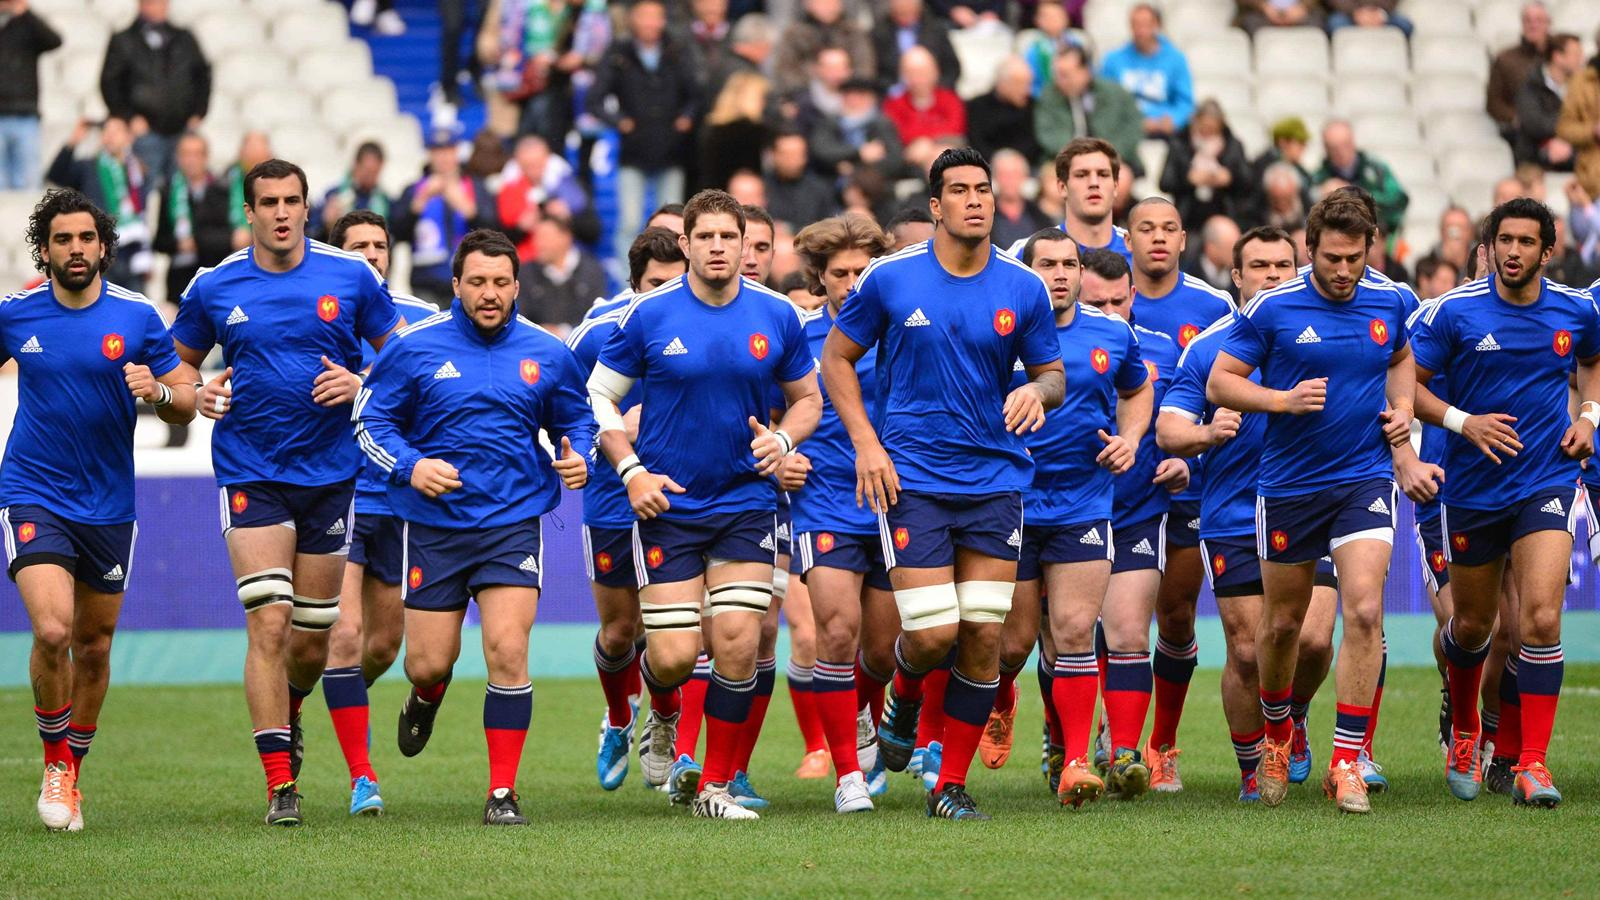 Bilan xv de france 6 nations 2014 trente quatre joueurs utilis s mais encore des postes - Rugby coupe des 6 nations ...